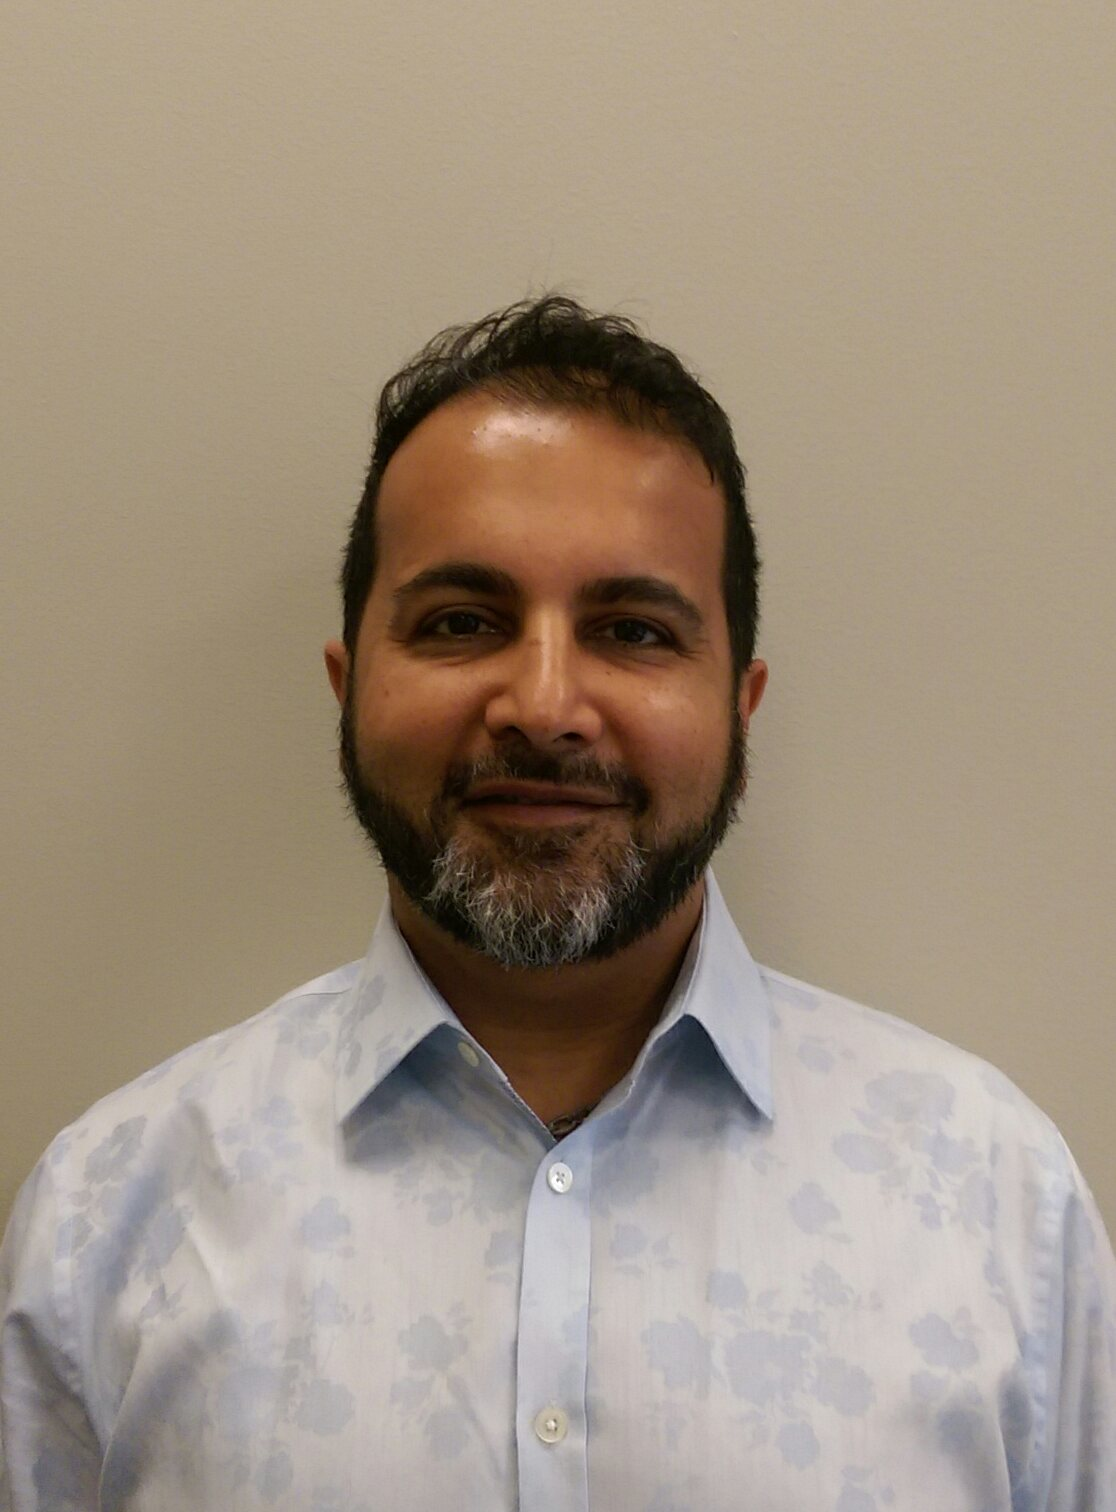 Dr. Ghalib Ahmed